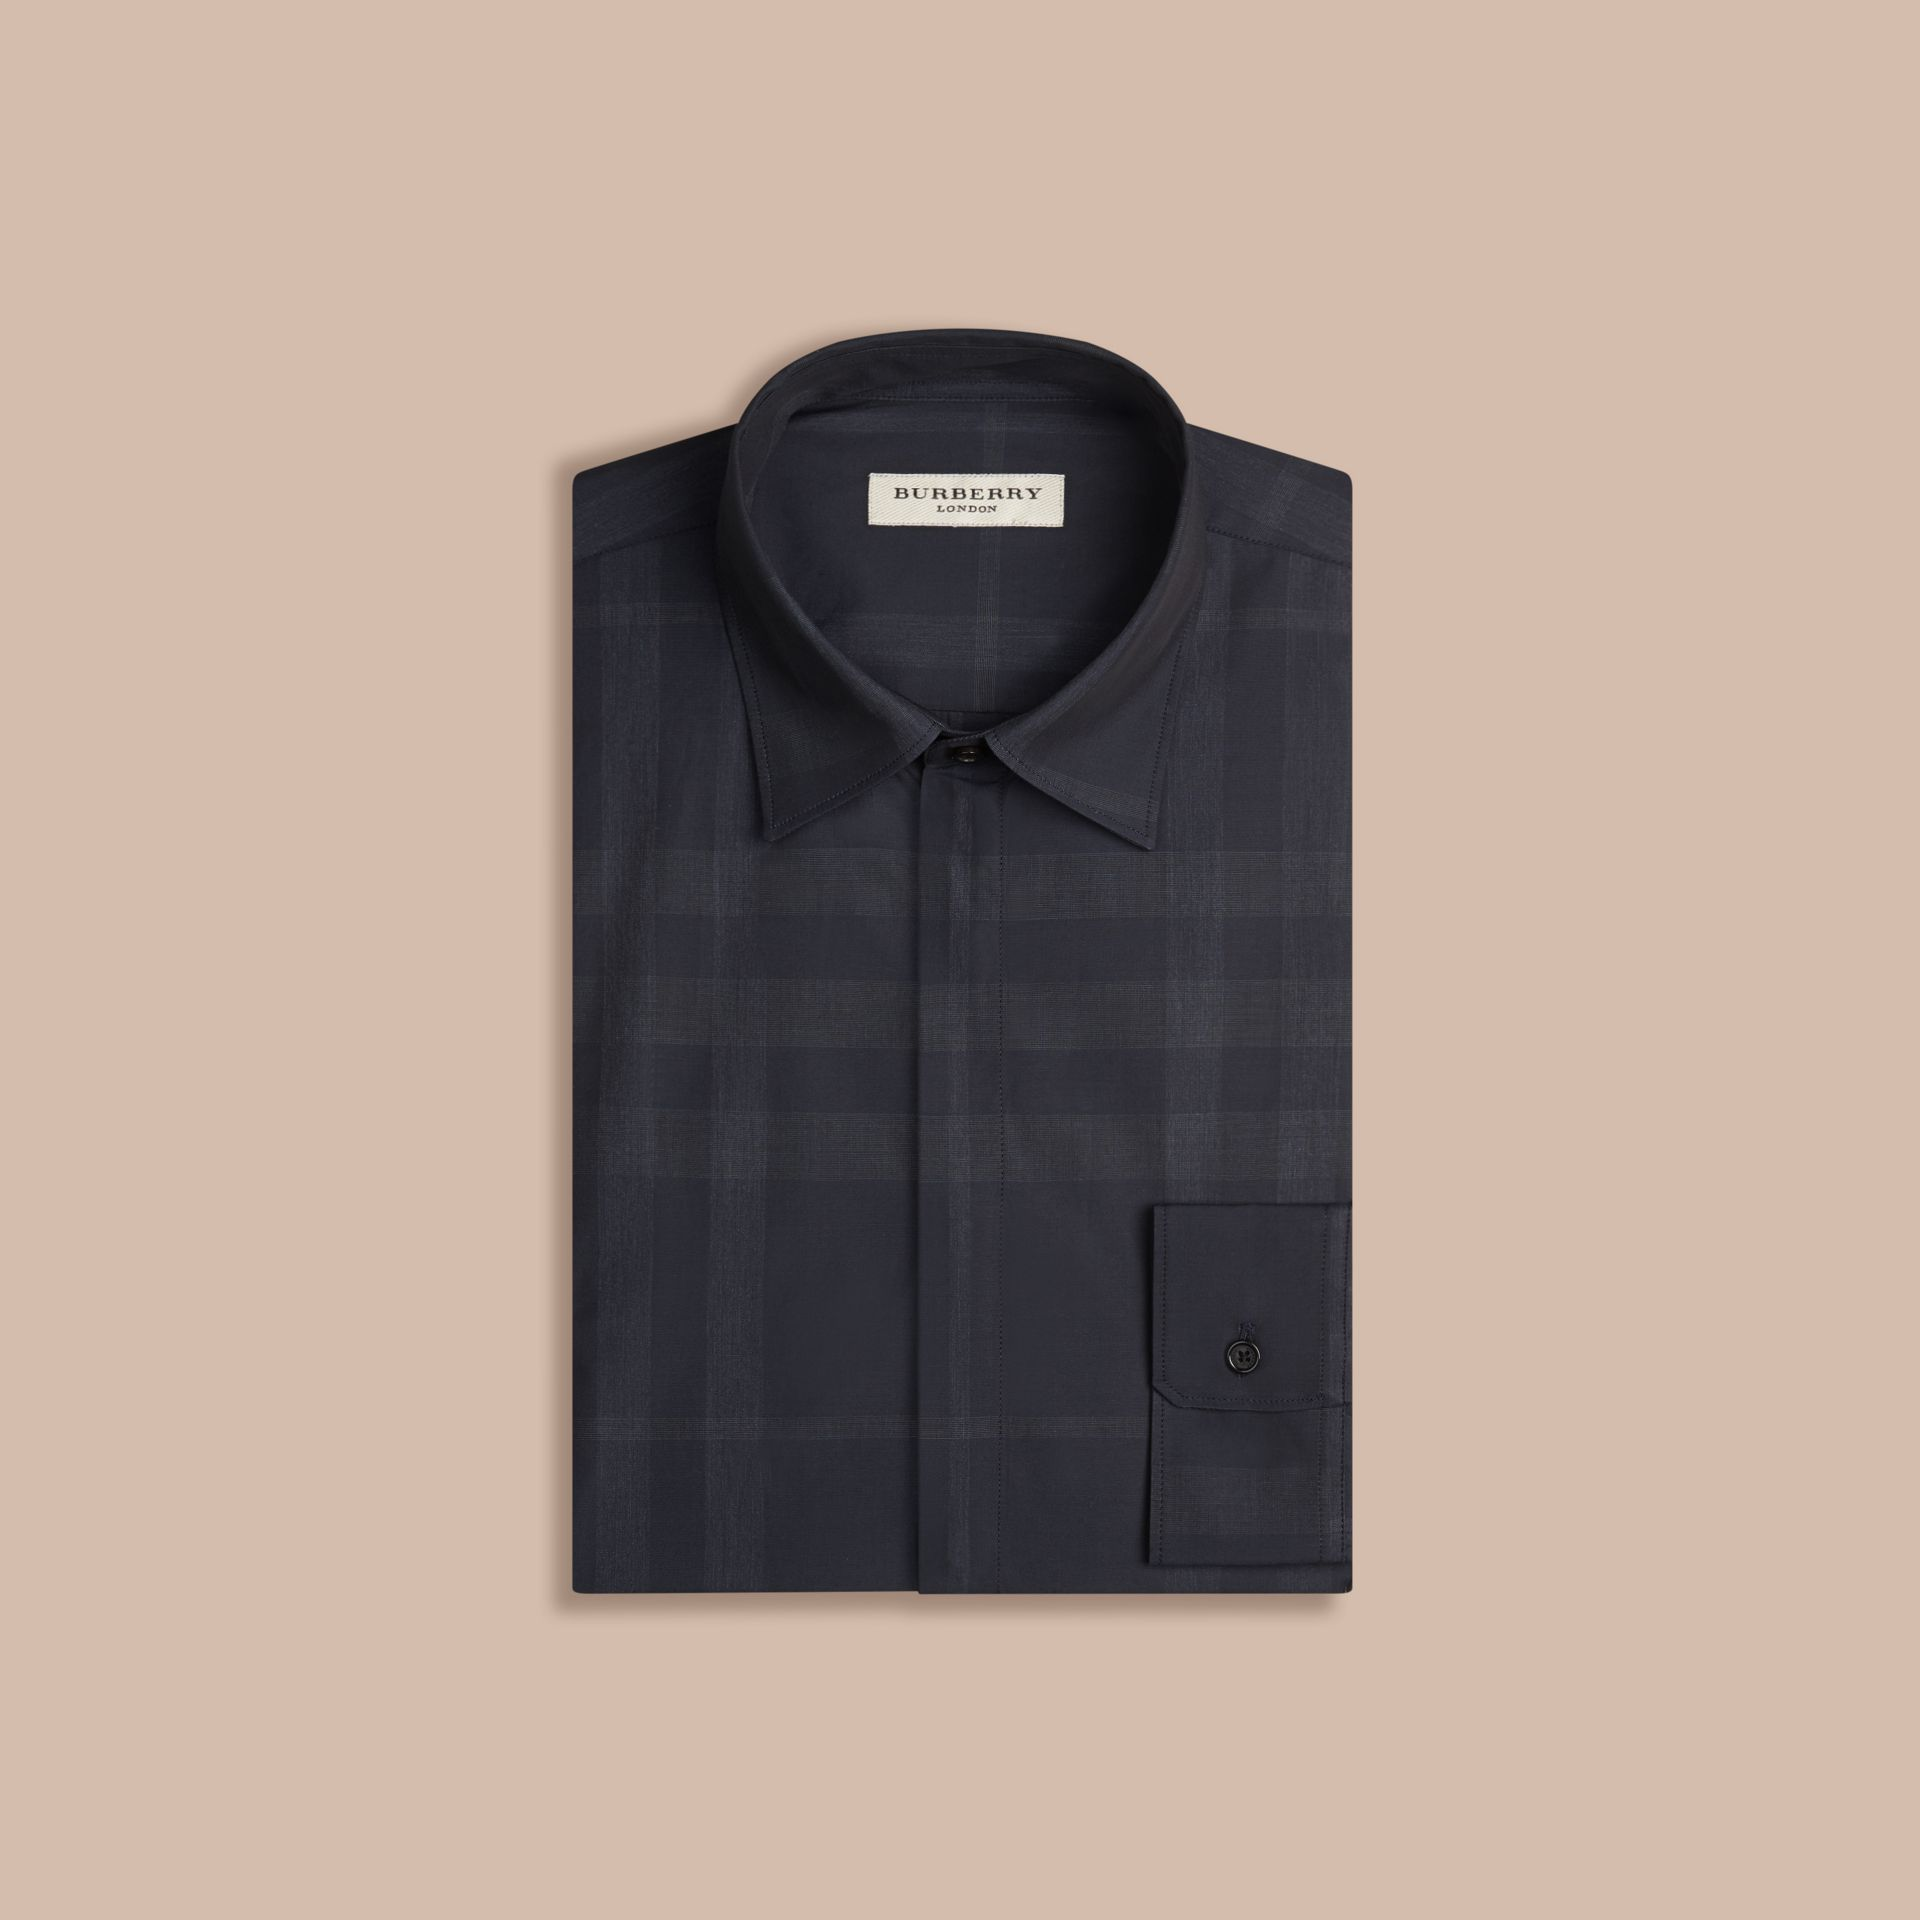 네이비 체크 코튼 셔츠 네이비 - 갤러리 이미지 4